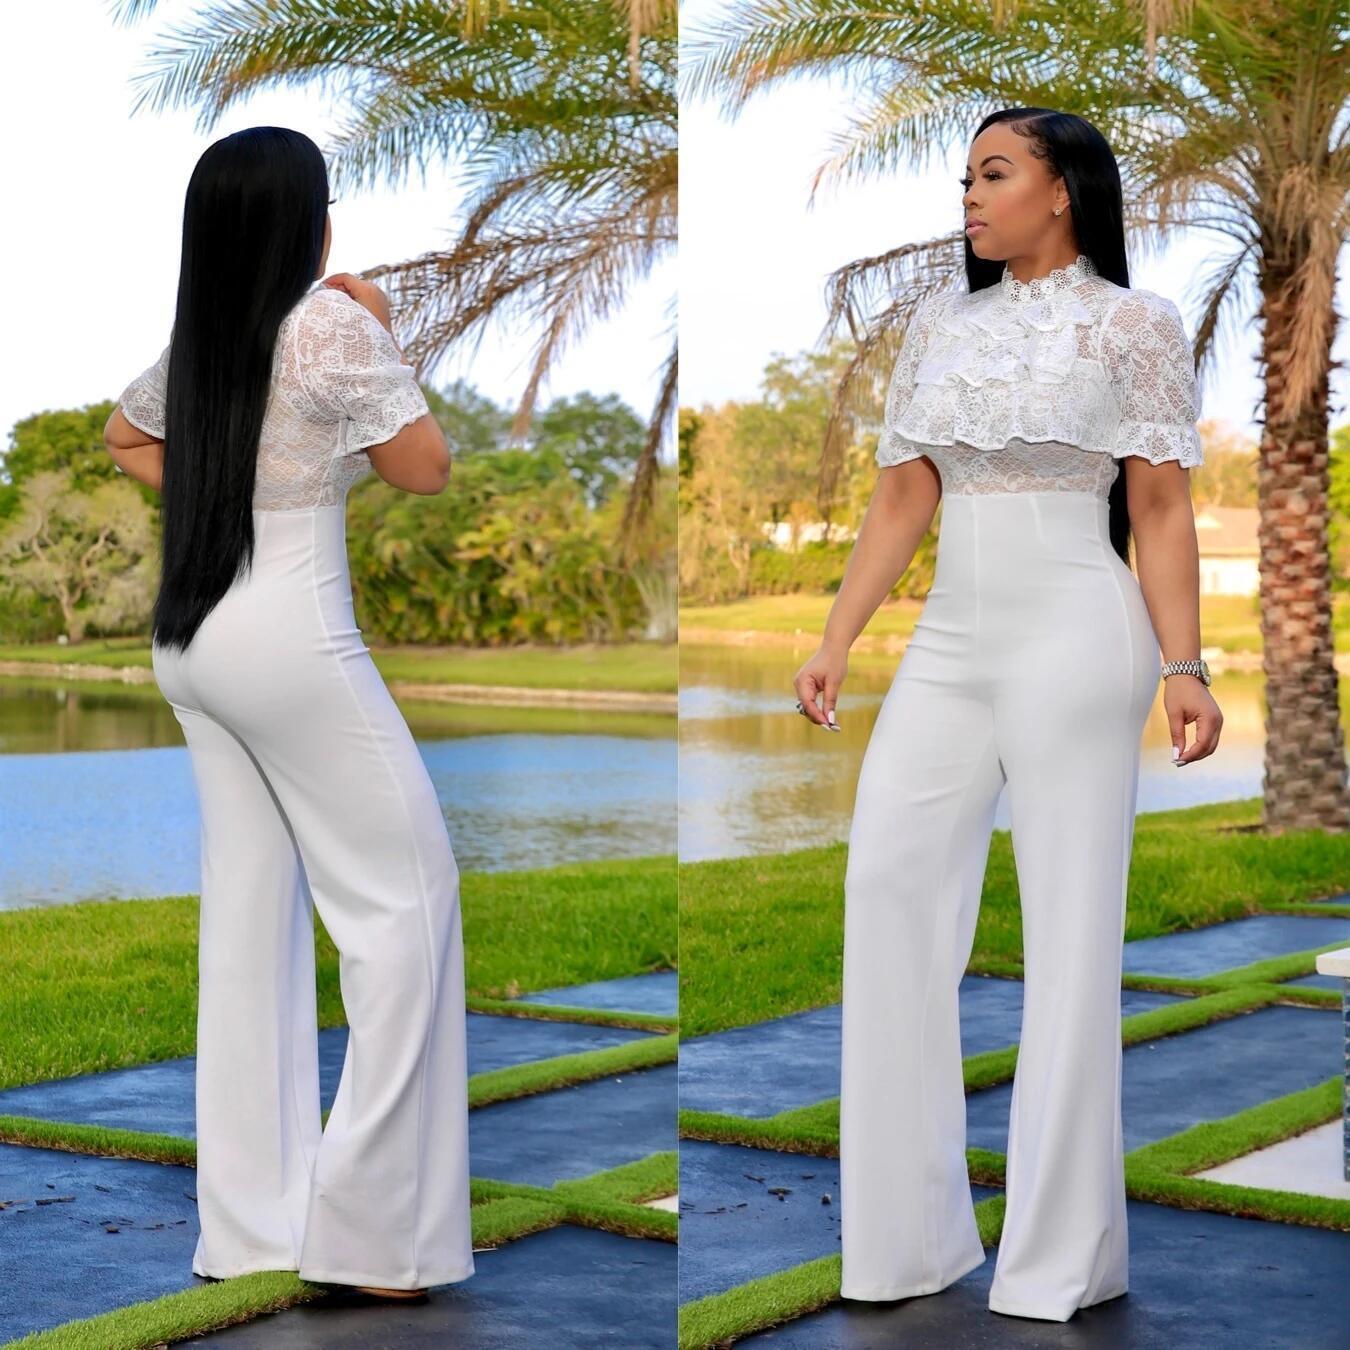 xG9pp 2020 nouvelle dentelle large crochet femmes douce Qing jambe taille haute dentelle couleur creux solide jumpsuit zvEej